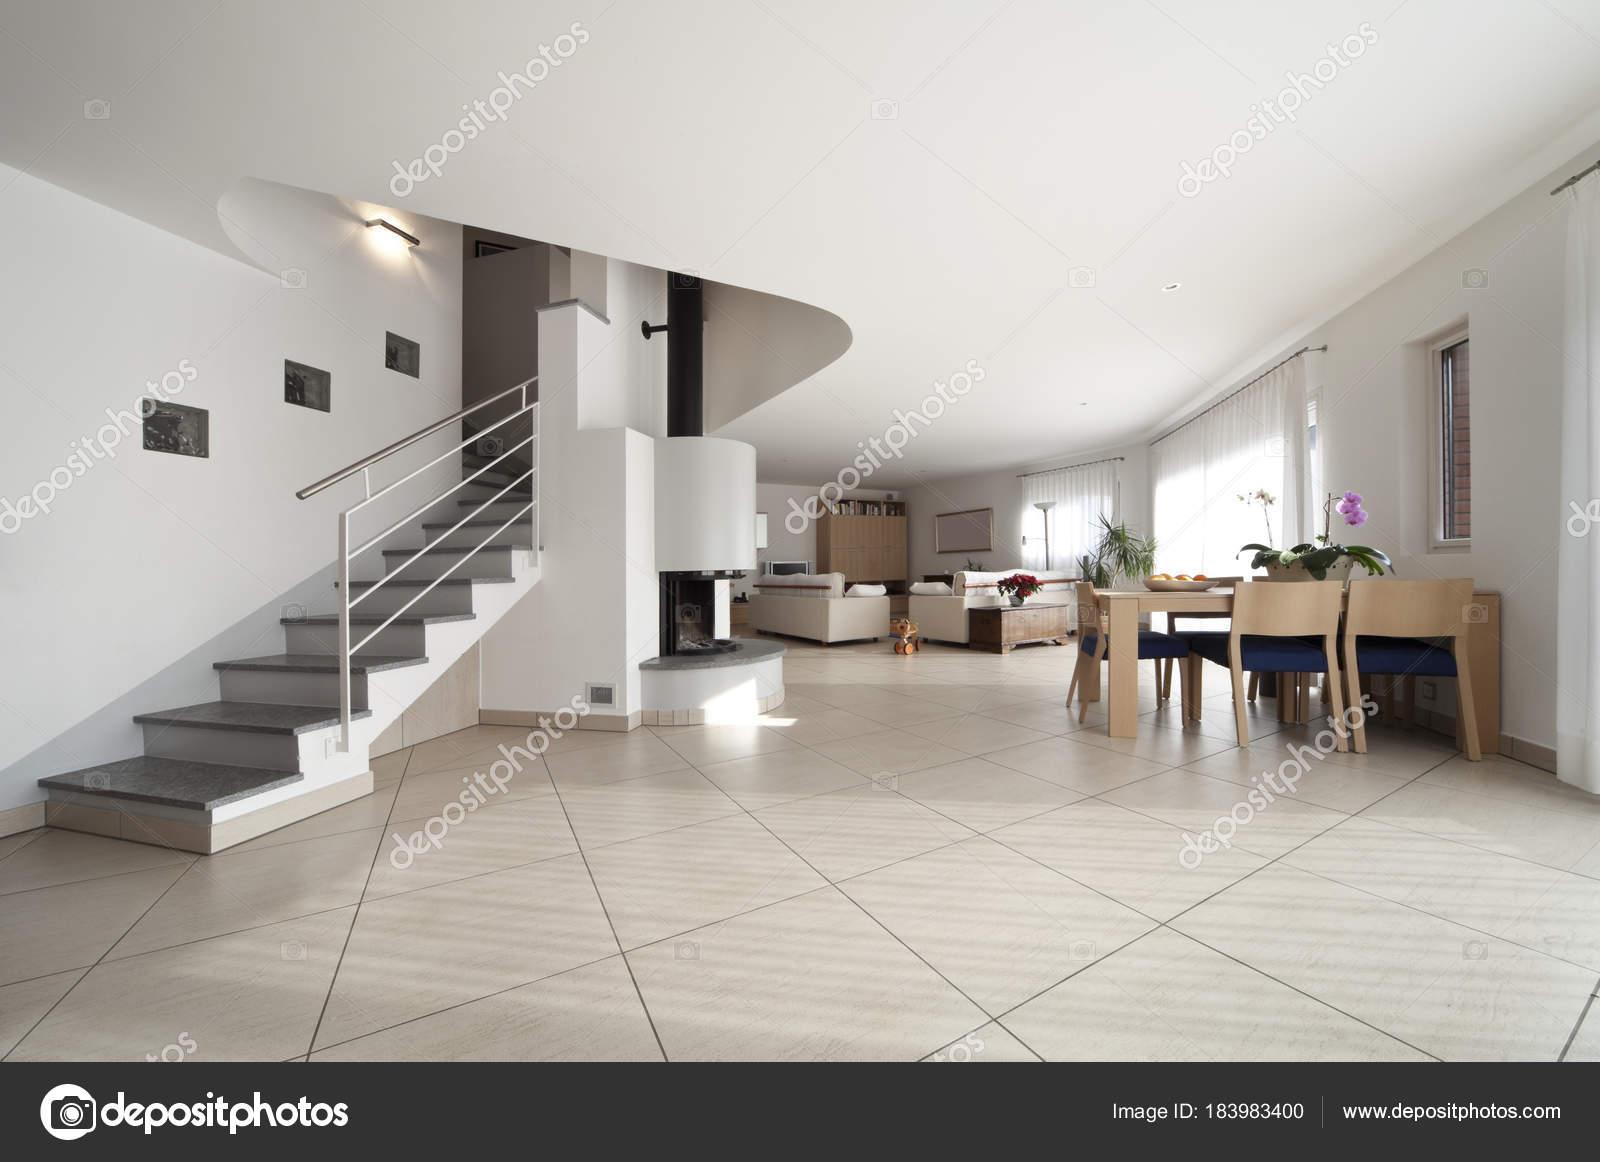 ampio soggiorno interno, Appartamento su due piani con scale — Foto ...